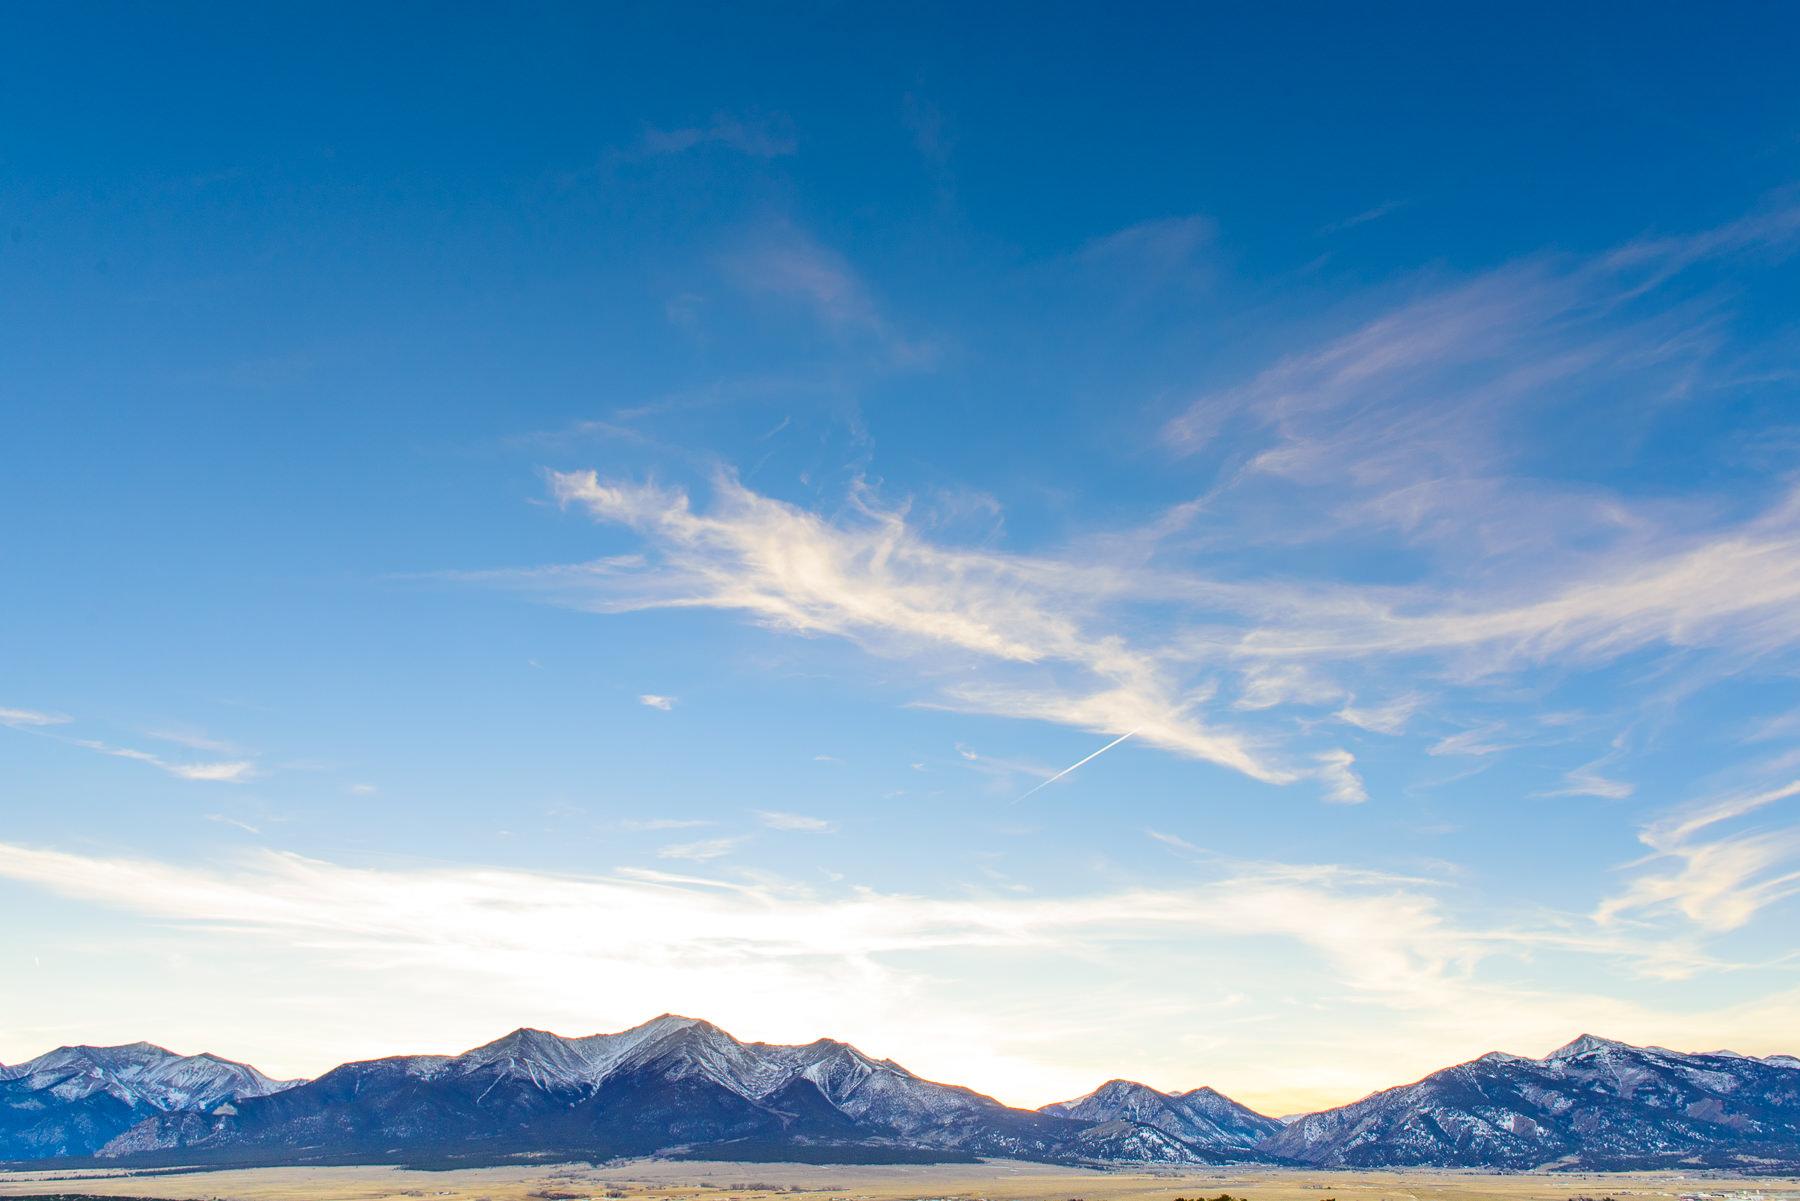 Colorado mountain range at sunset